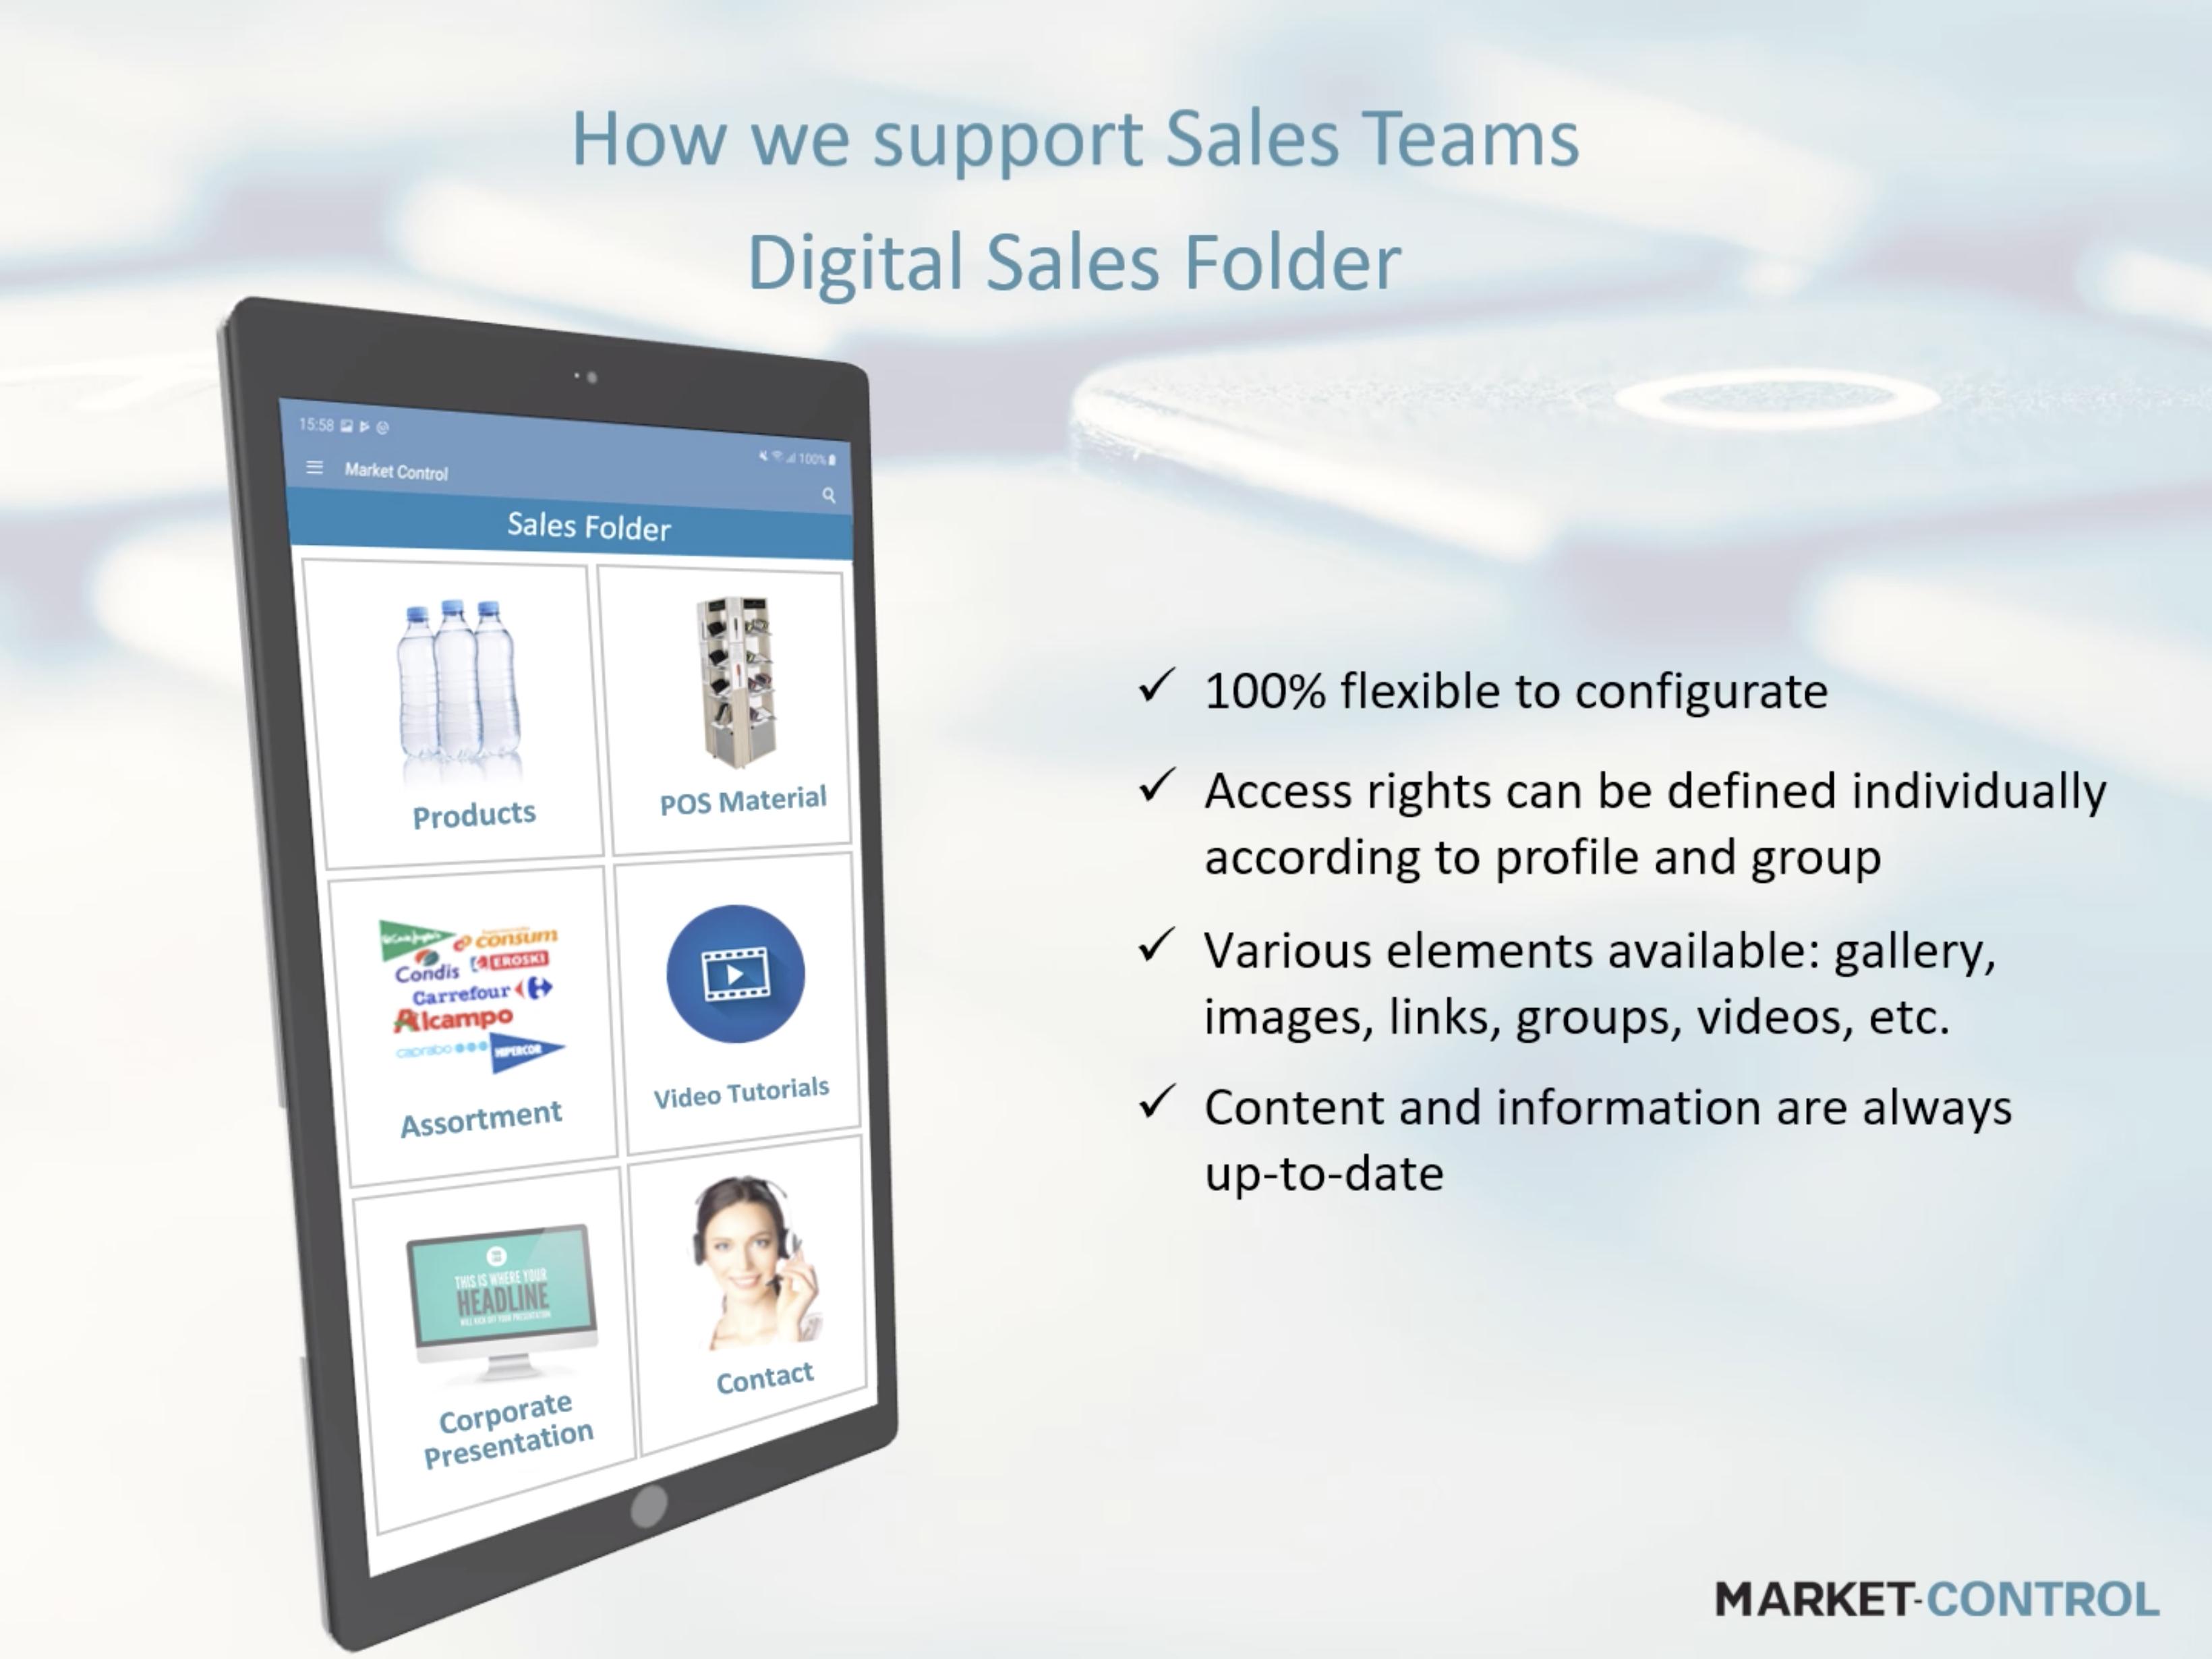 Cómo apoyamos a los equipos de ventas carpeta digital de ventas